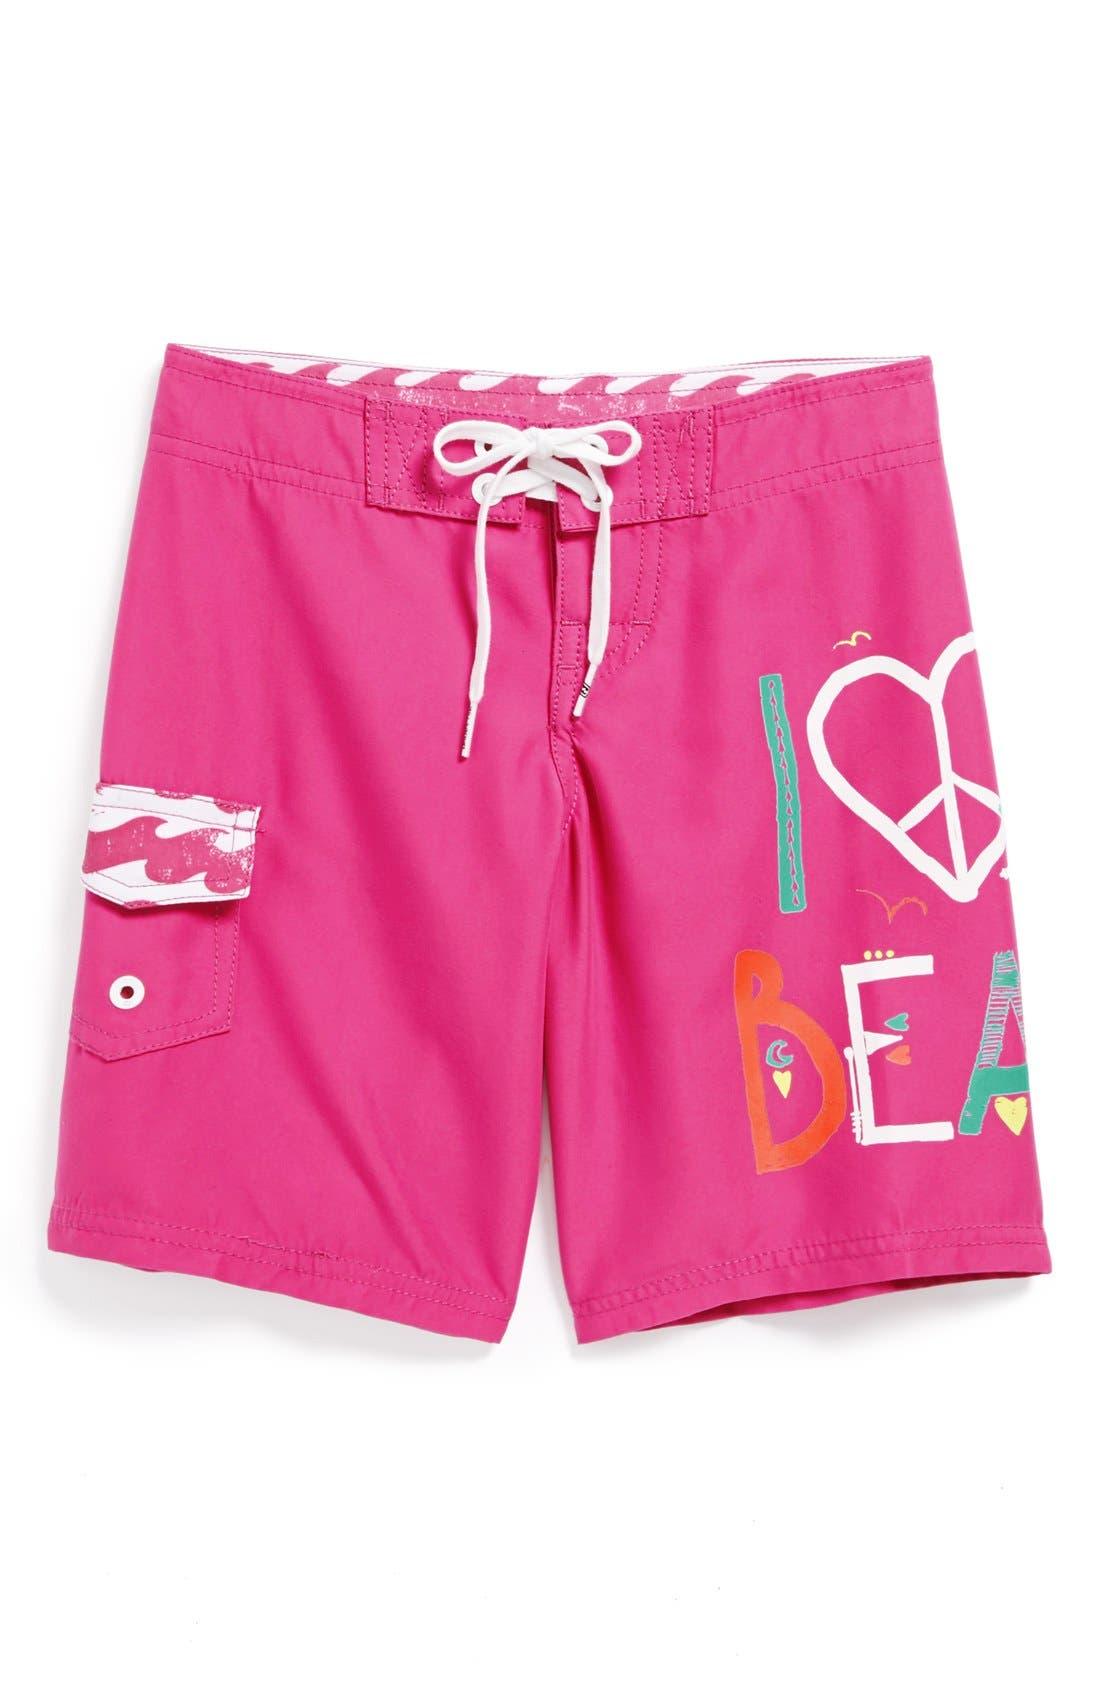 Main Image - Billabong 'I Love the Beach' Board Shorts (Big Girls)